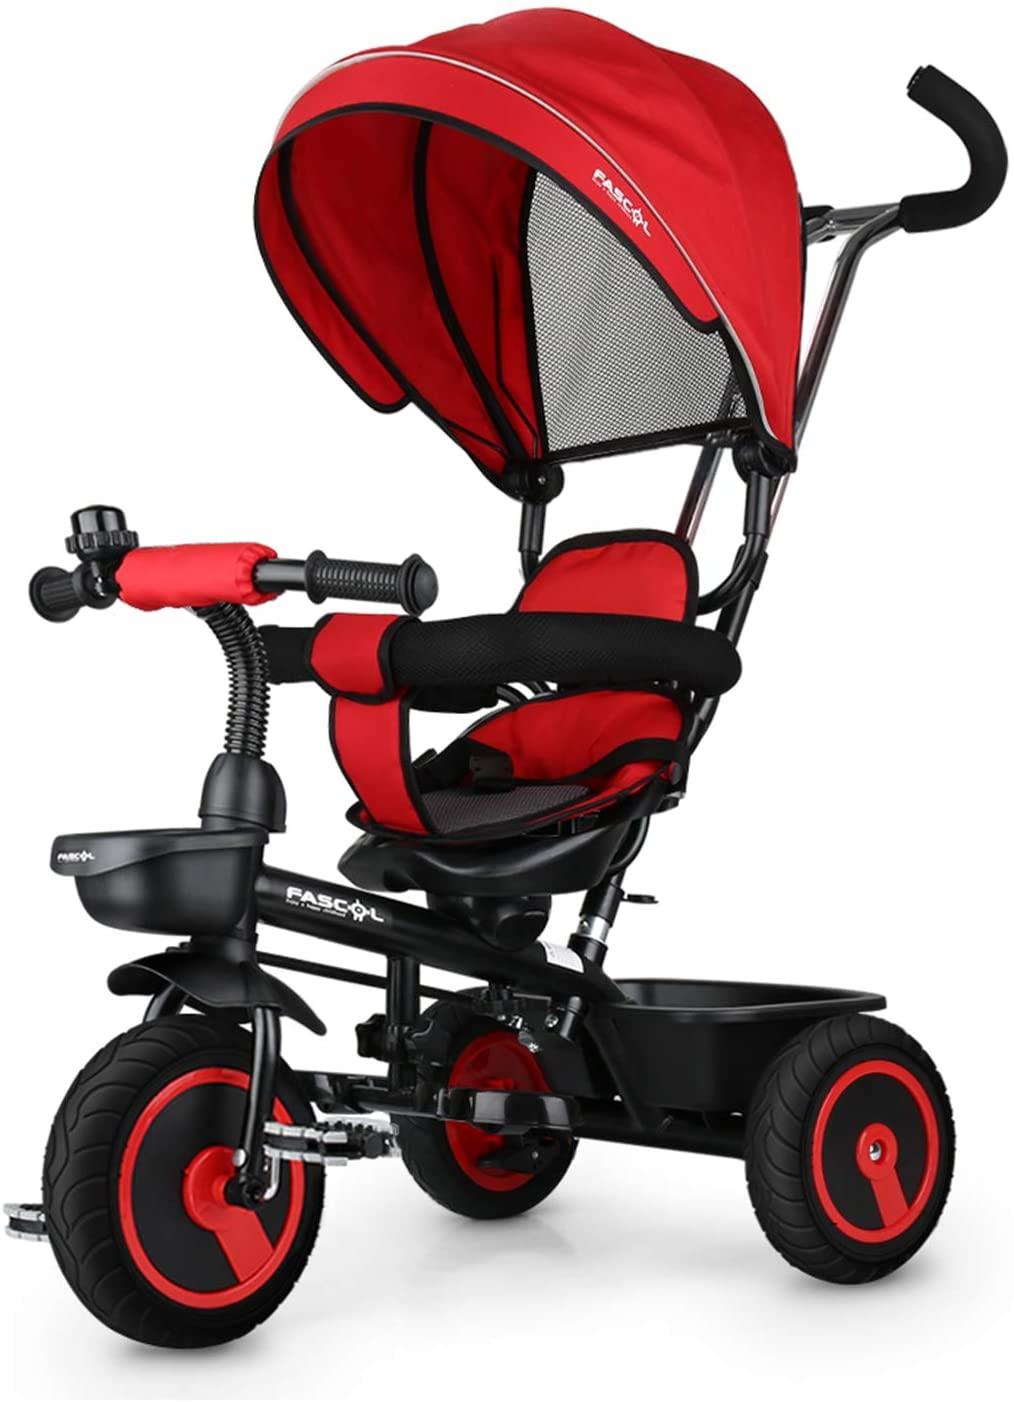 Ce tricycle évolutif pour bébé Fascol dispose d'un siège qui pivote à 360 degrés.